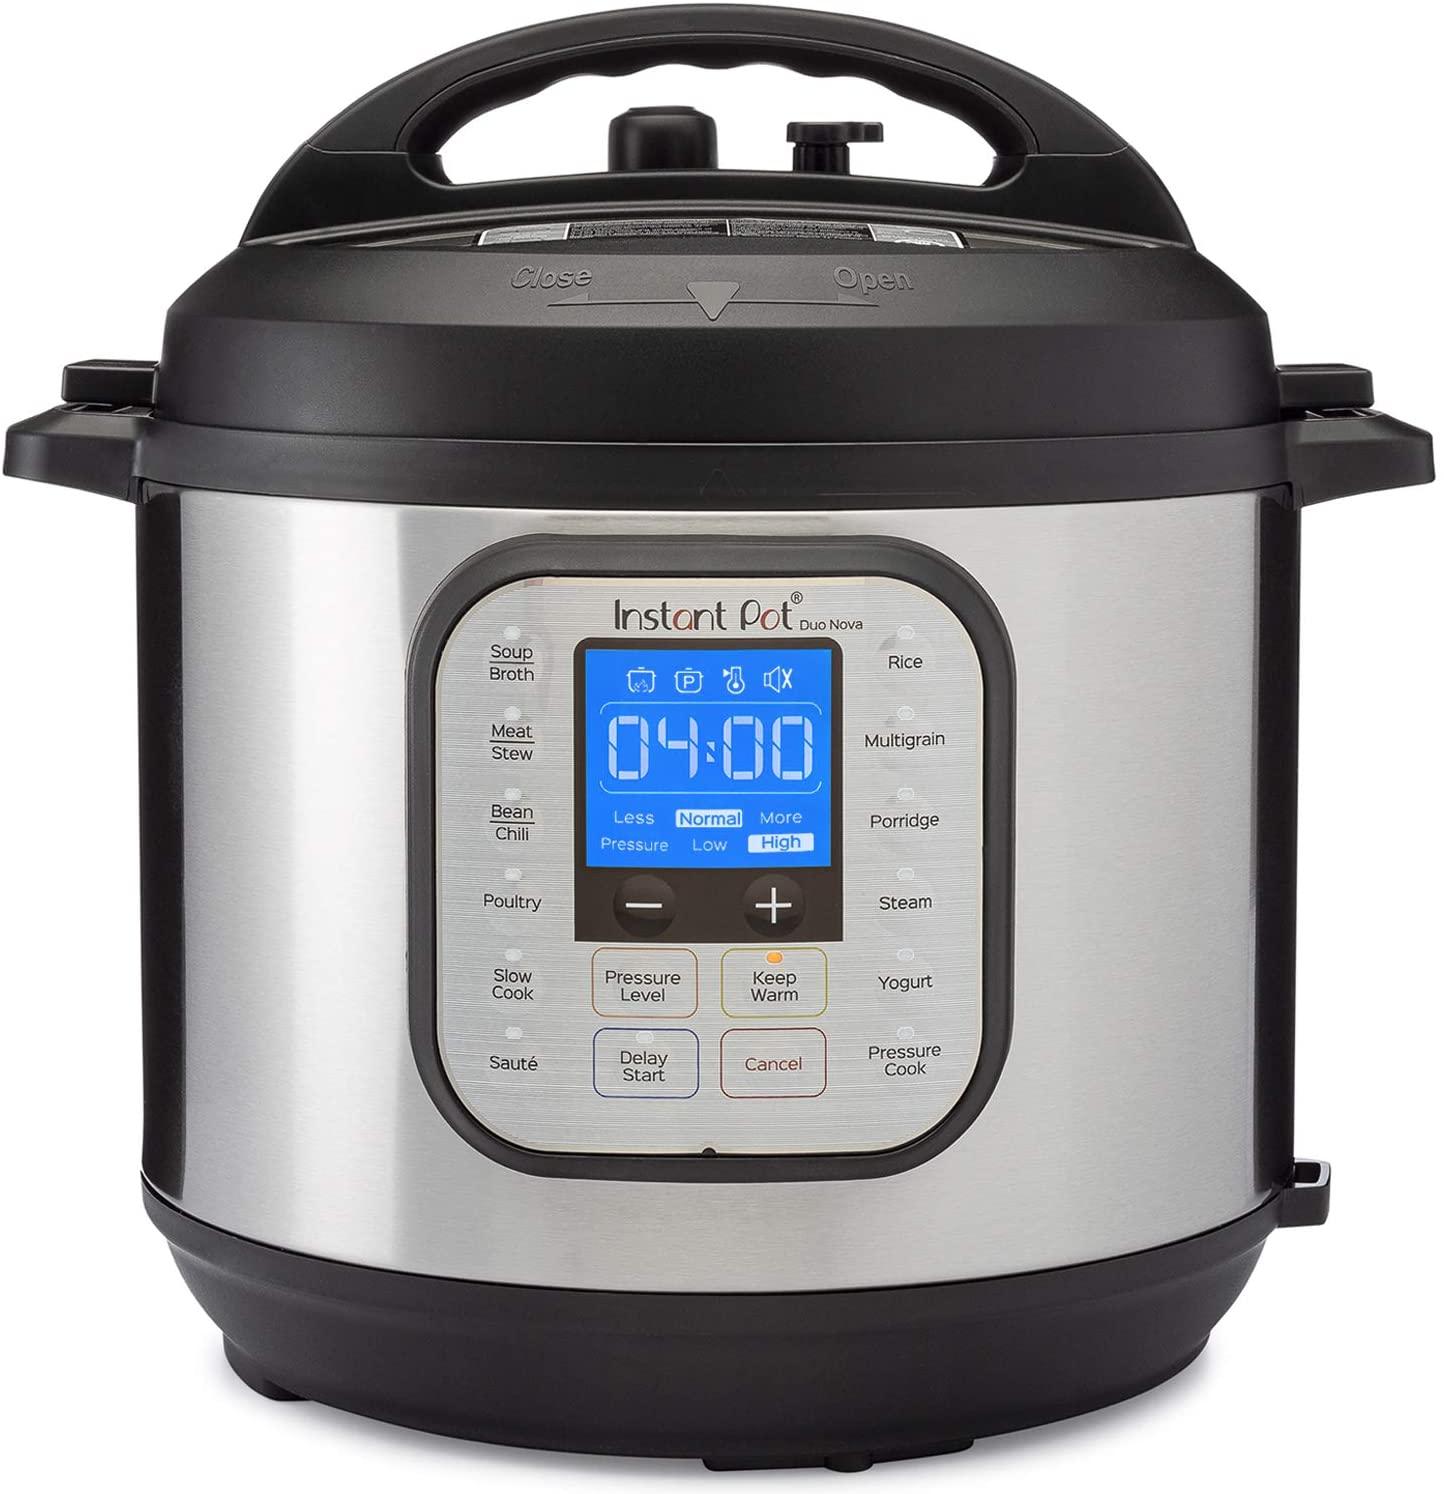 Instant Pot Duo Nova Pressure Cooker 7 in 1, 6 Qt